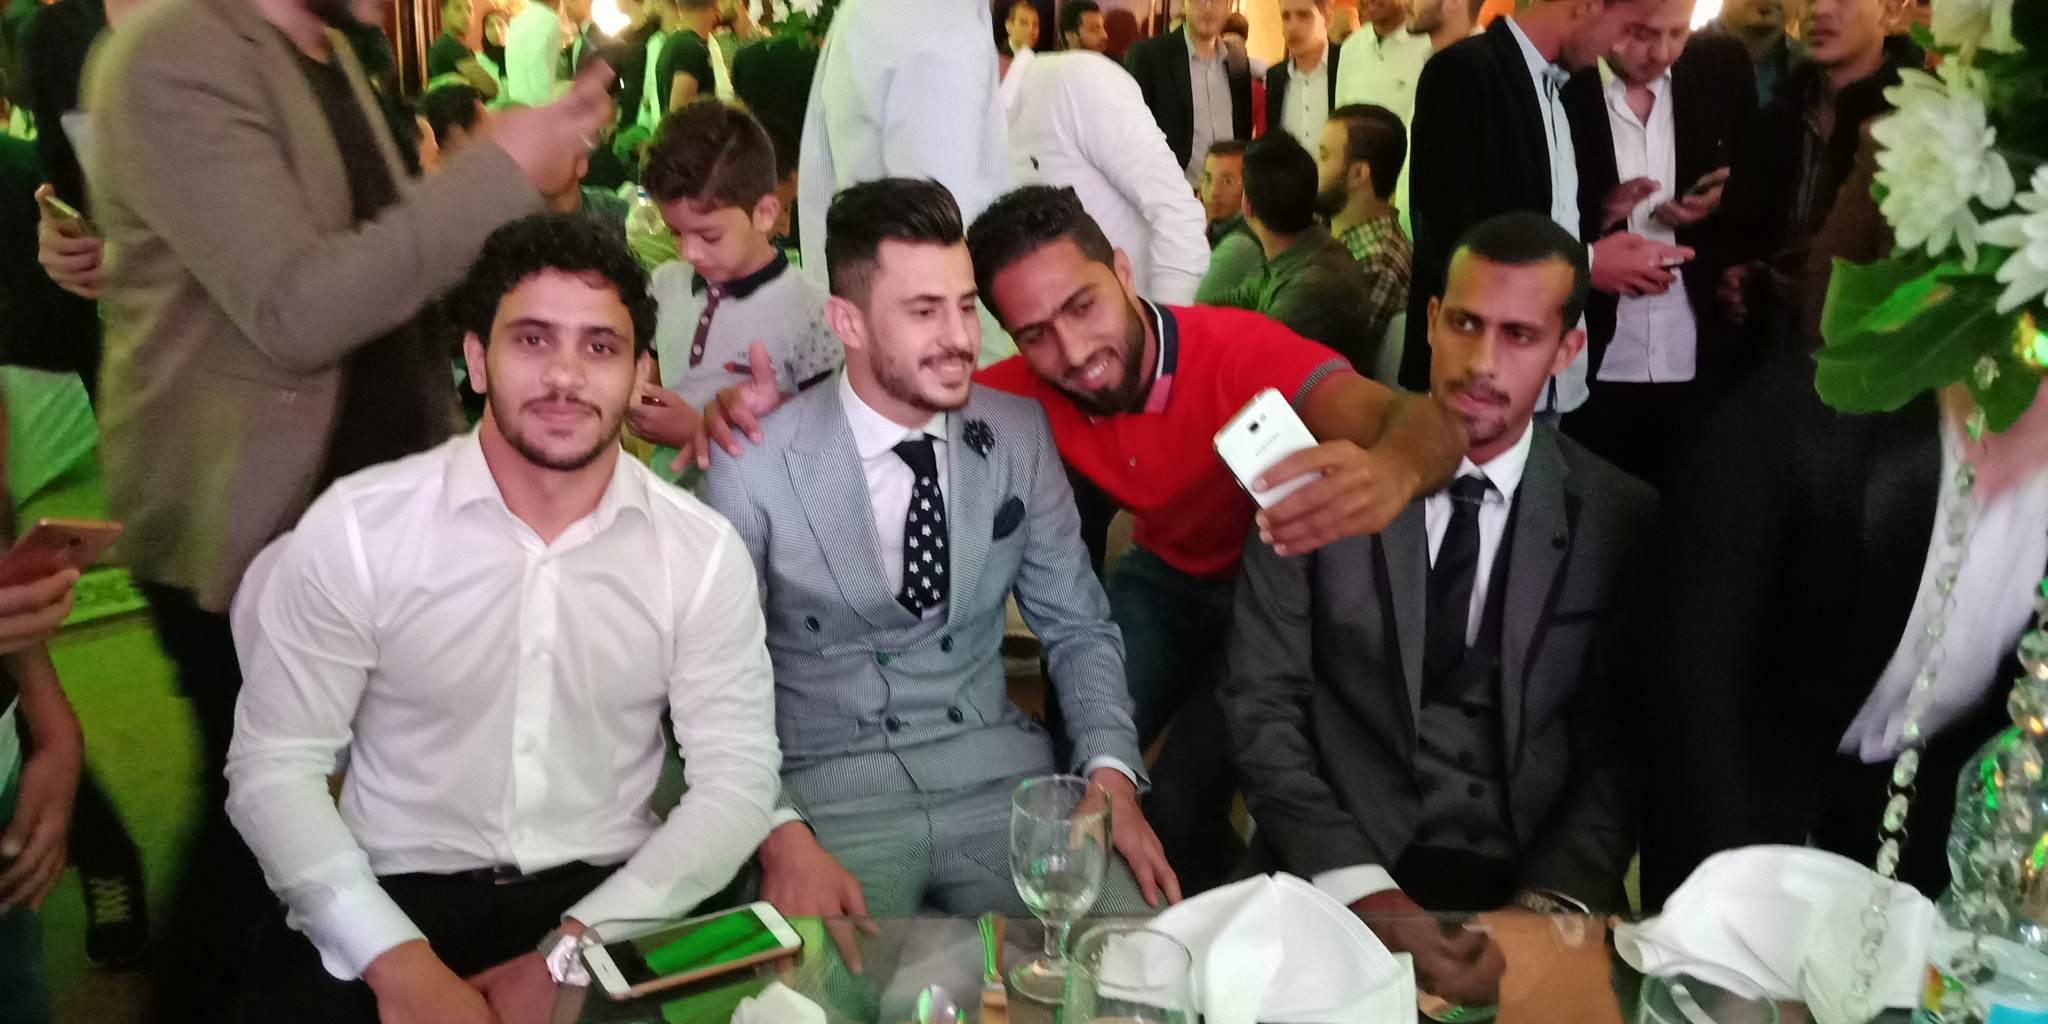 محمد أشرف روقا و عبد الله جمعة ومحمود الونش لاعبو الزمالك